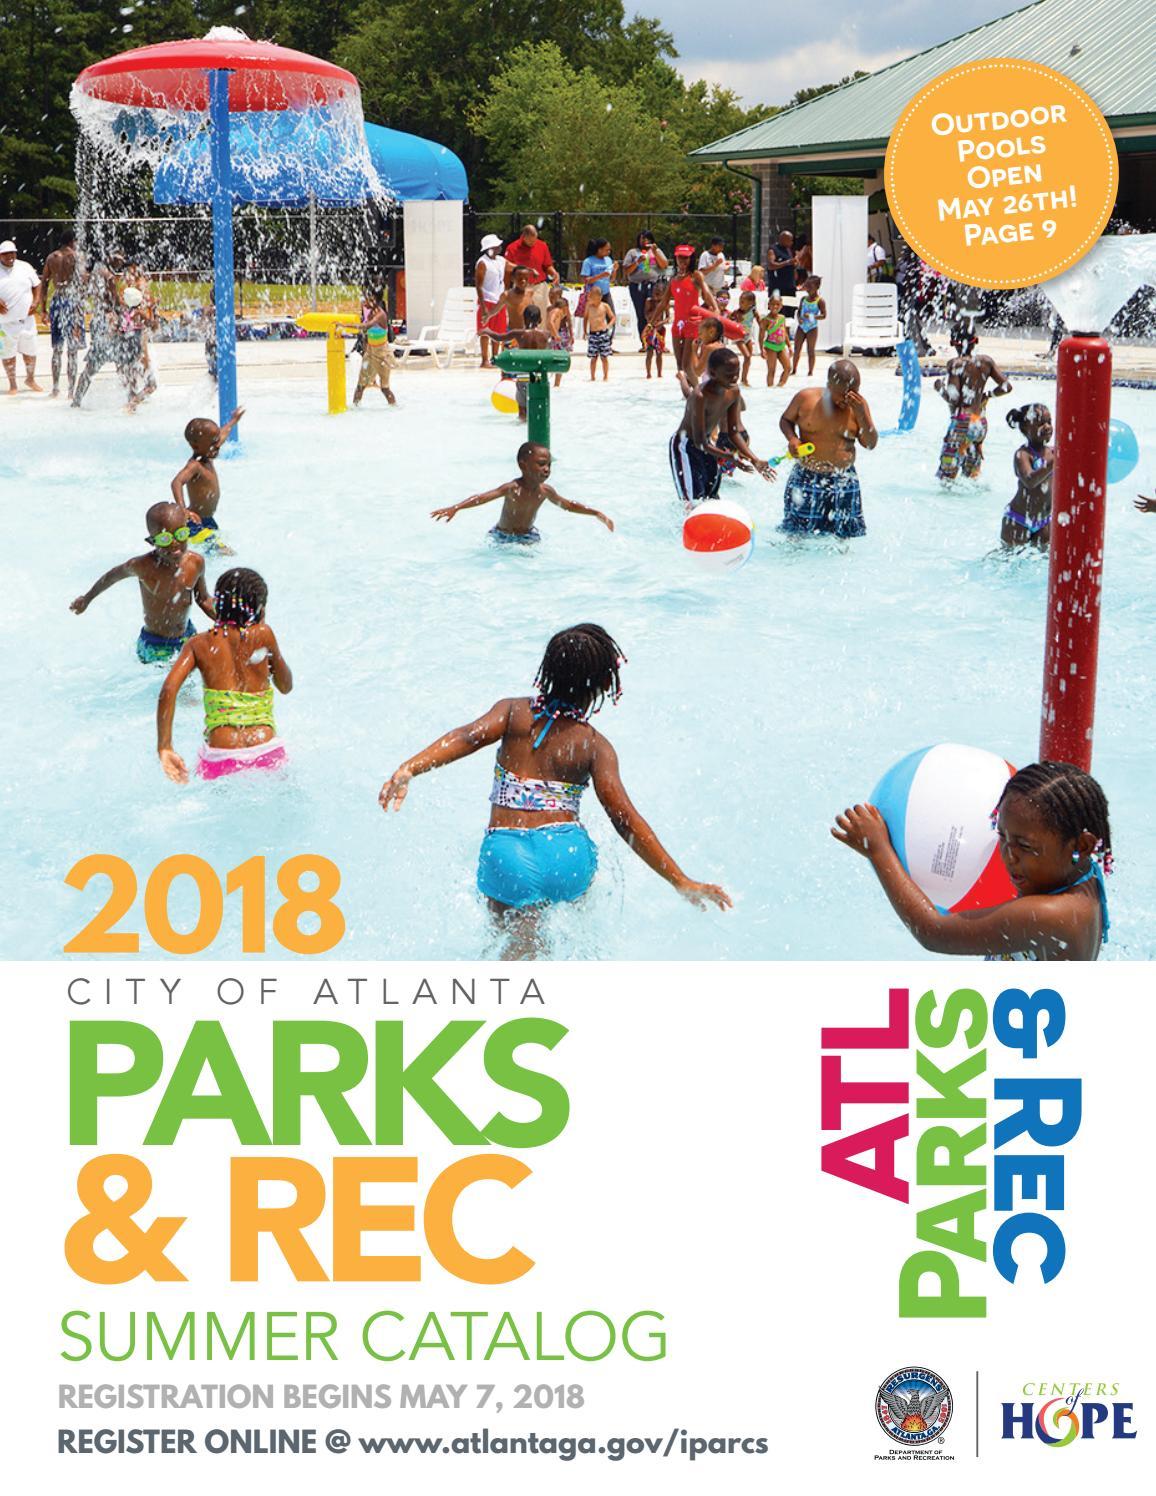 ATL Parks & Rec Summer 2018 by Atlanta DPR - issuu